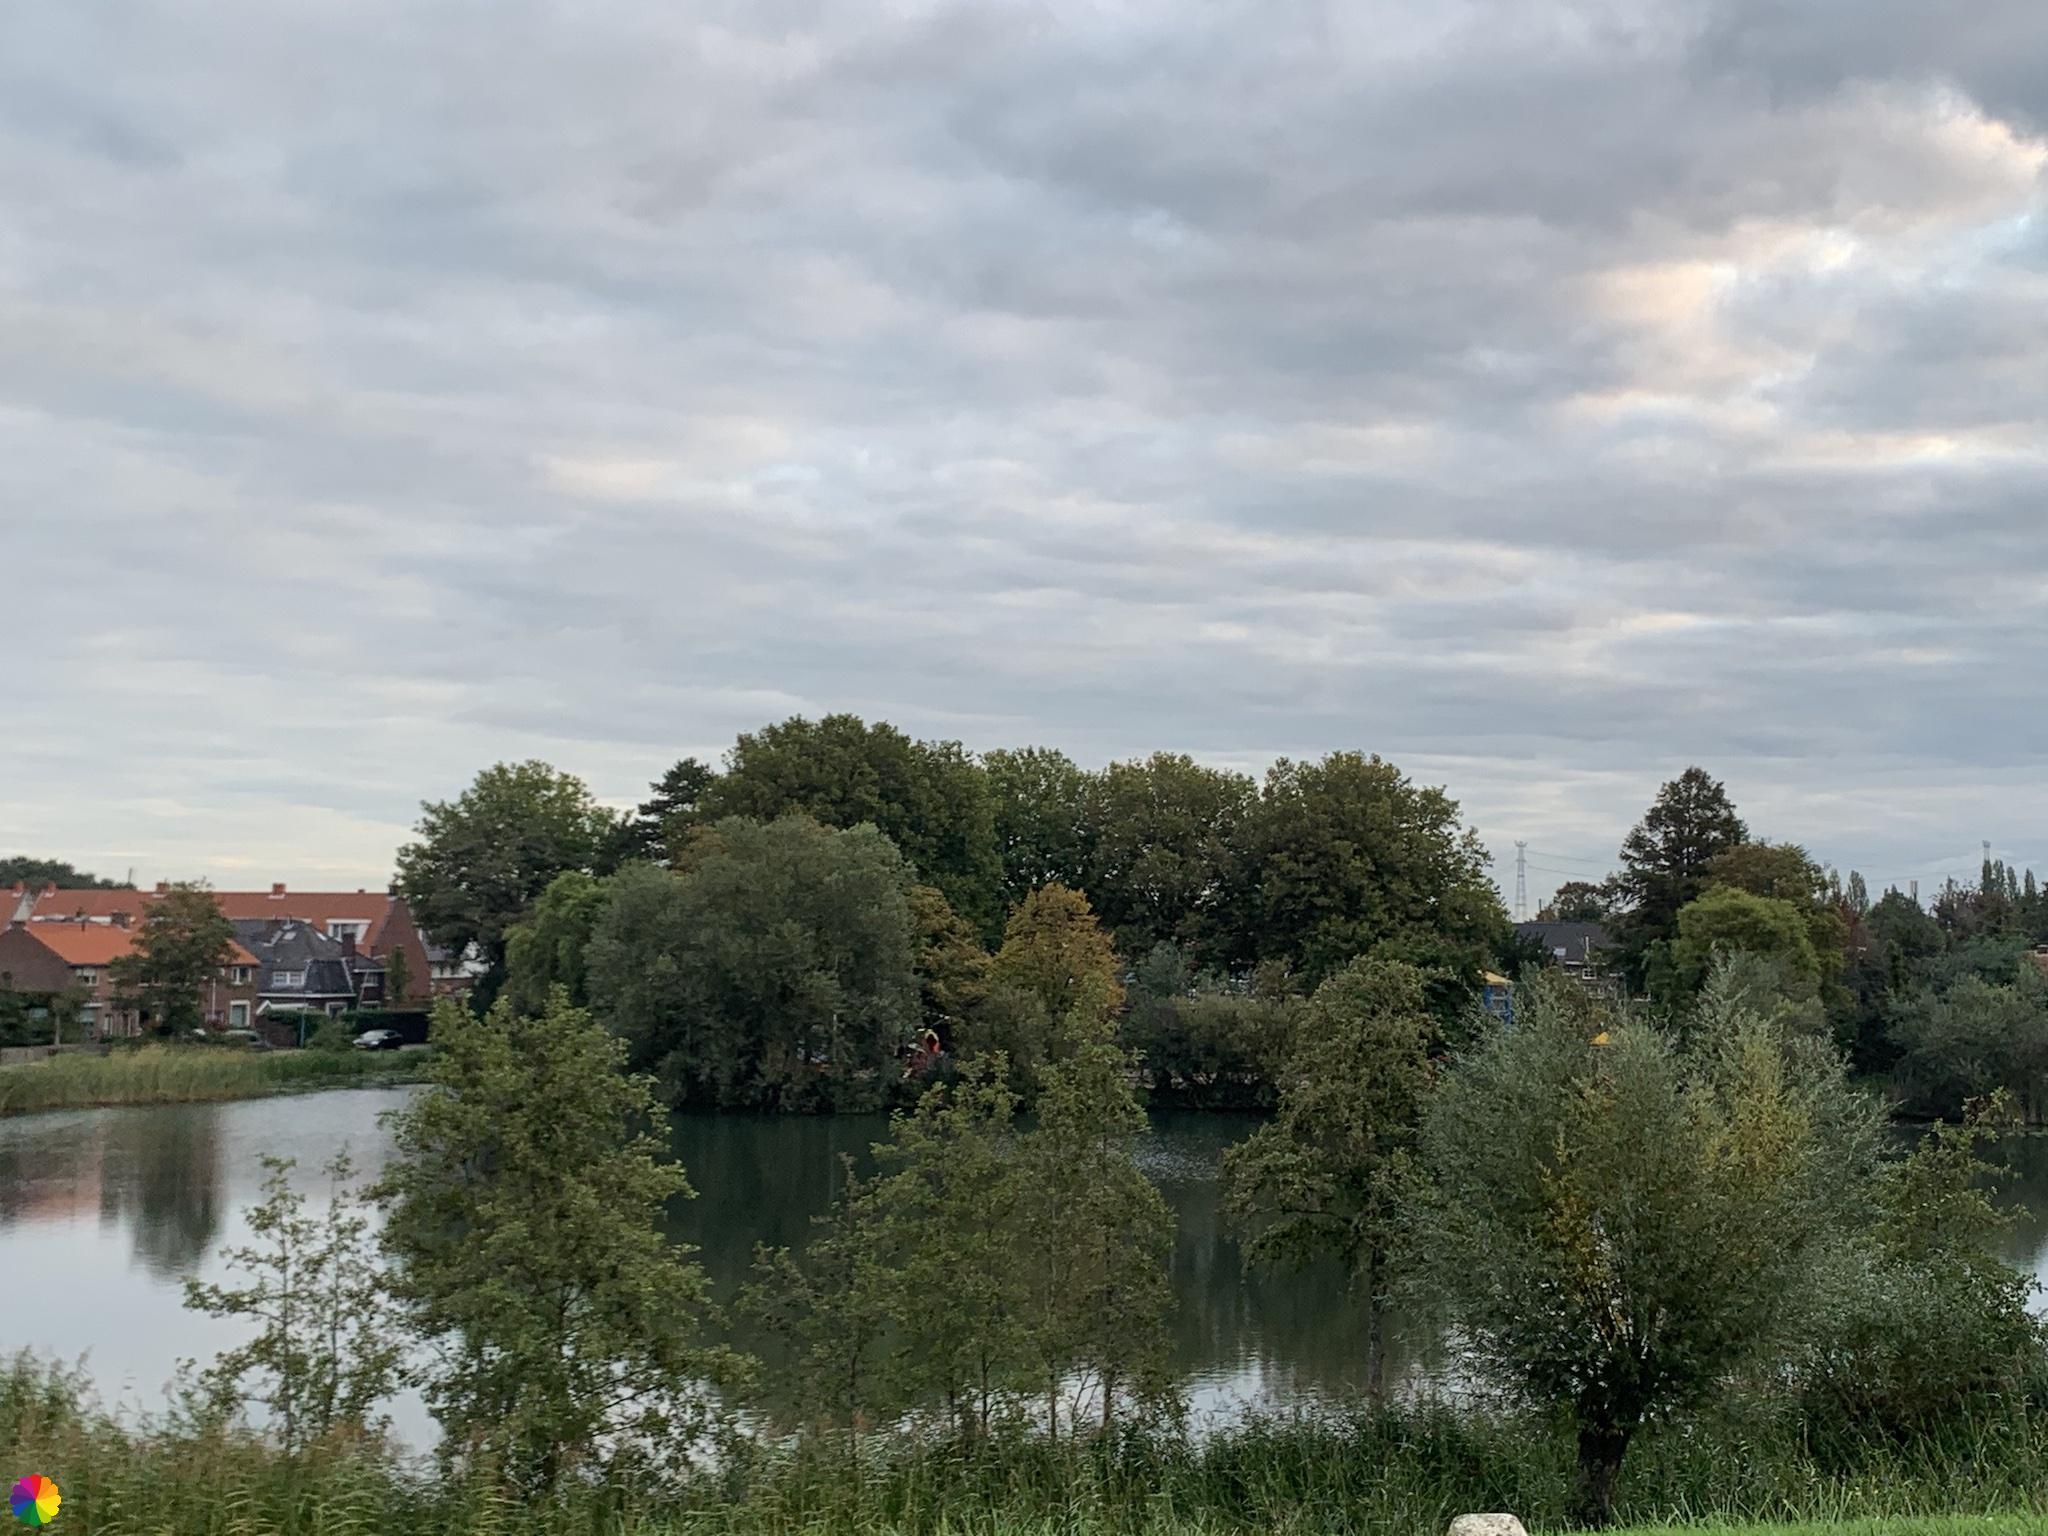 Rijzenwiel in Alblasserdam